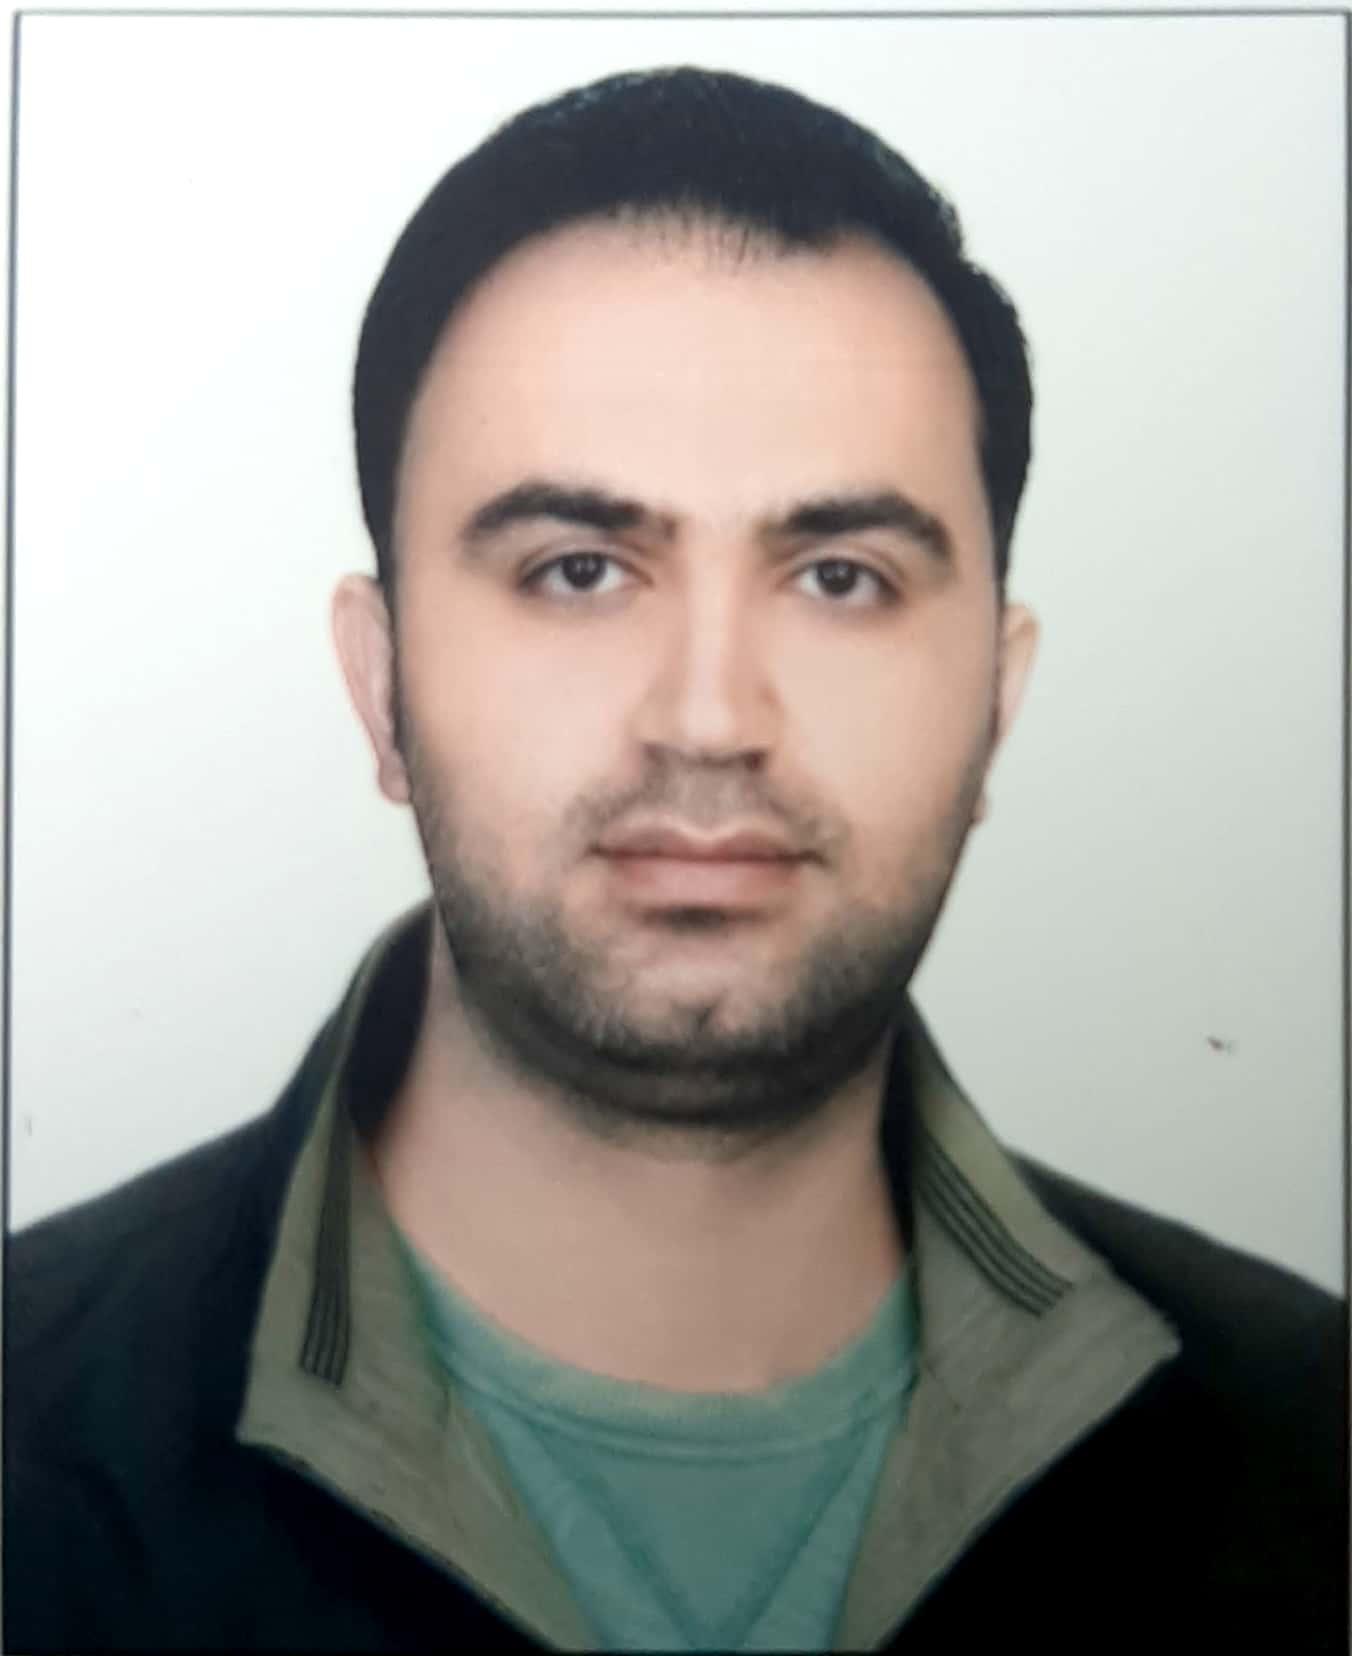 Amin Mahmoudvand